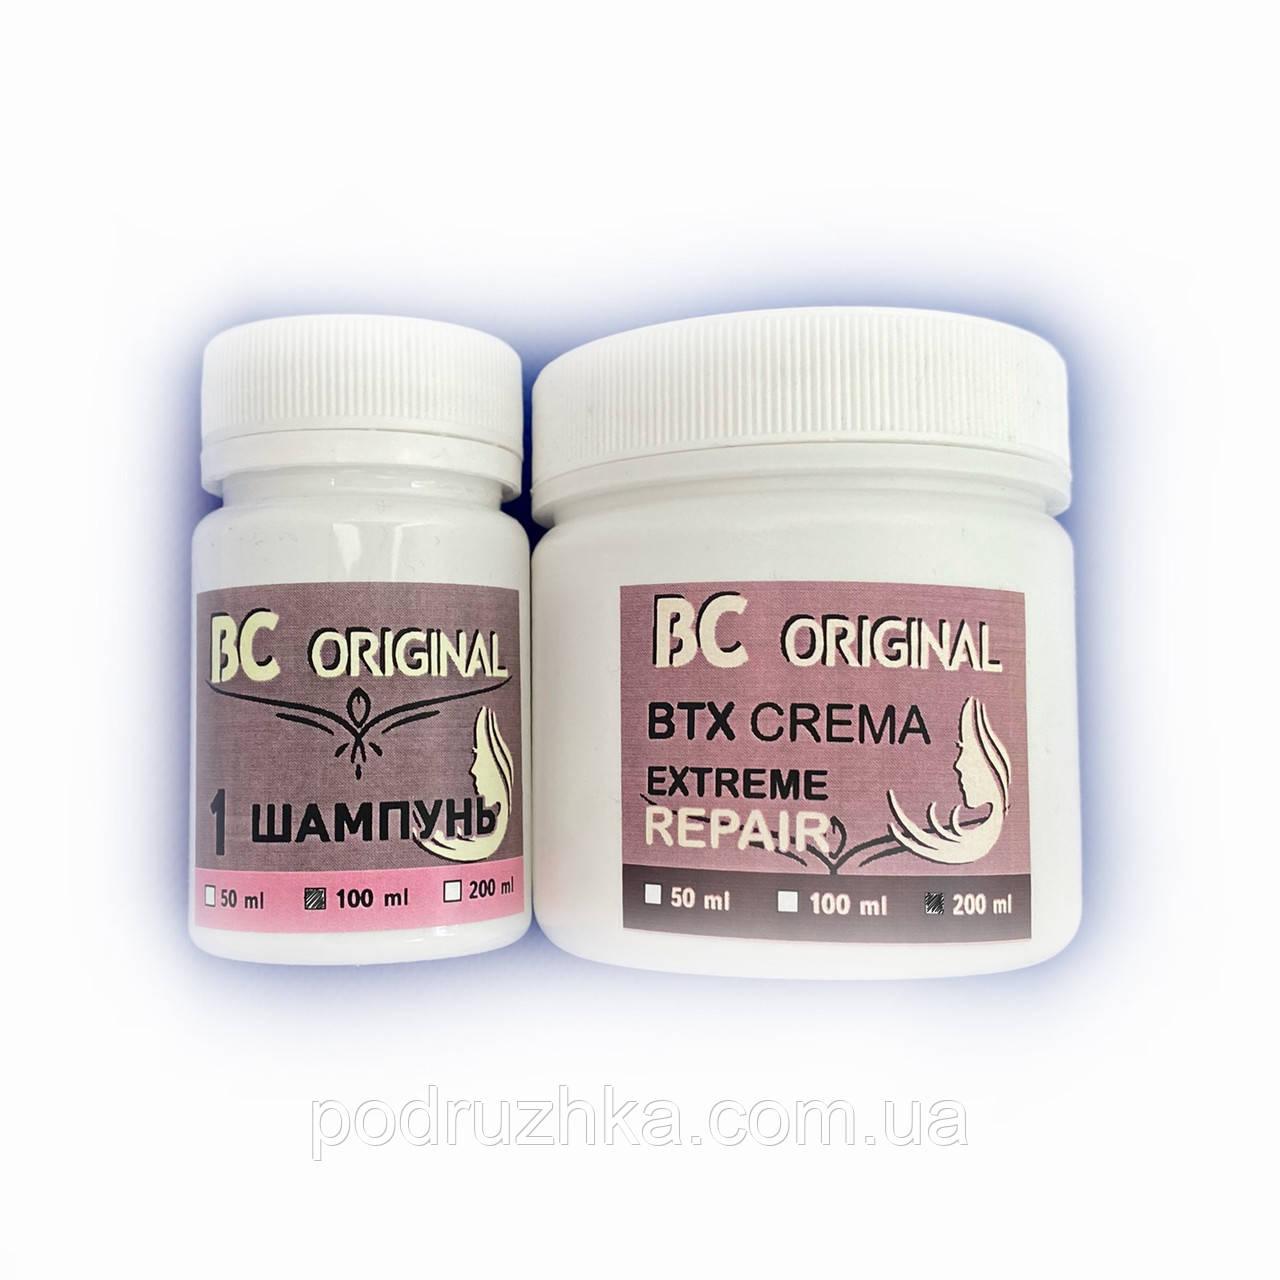 Бoтoкc BC Original BTX Crema, набор 100/200 мл